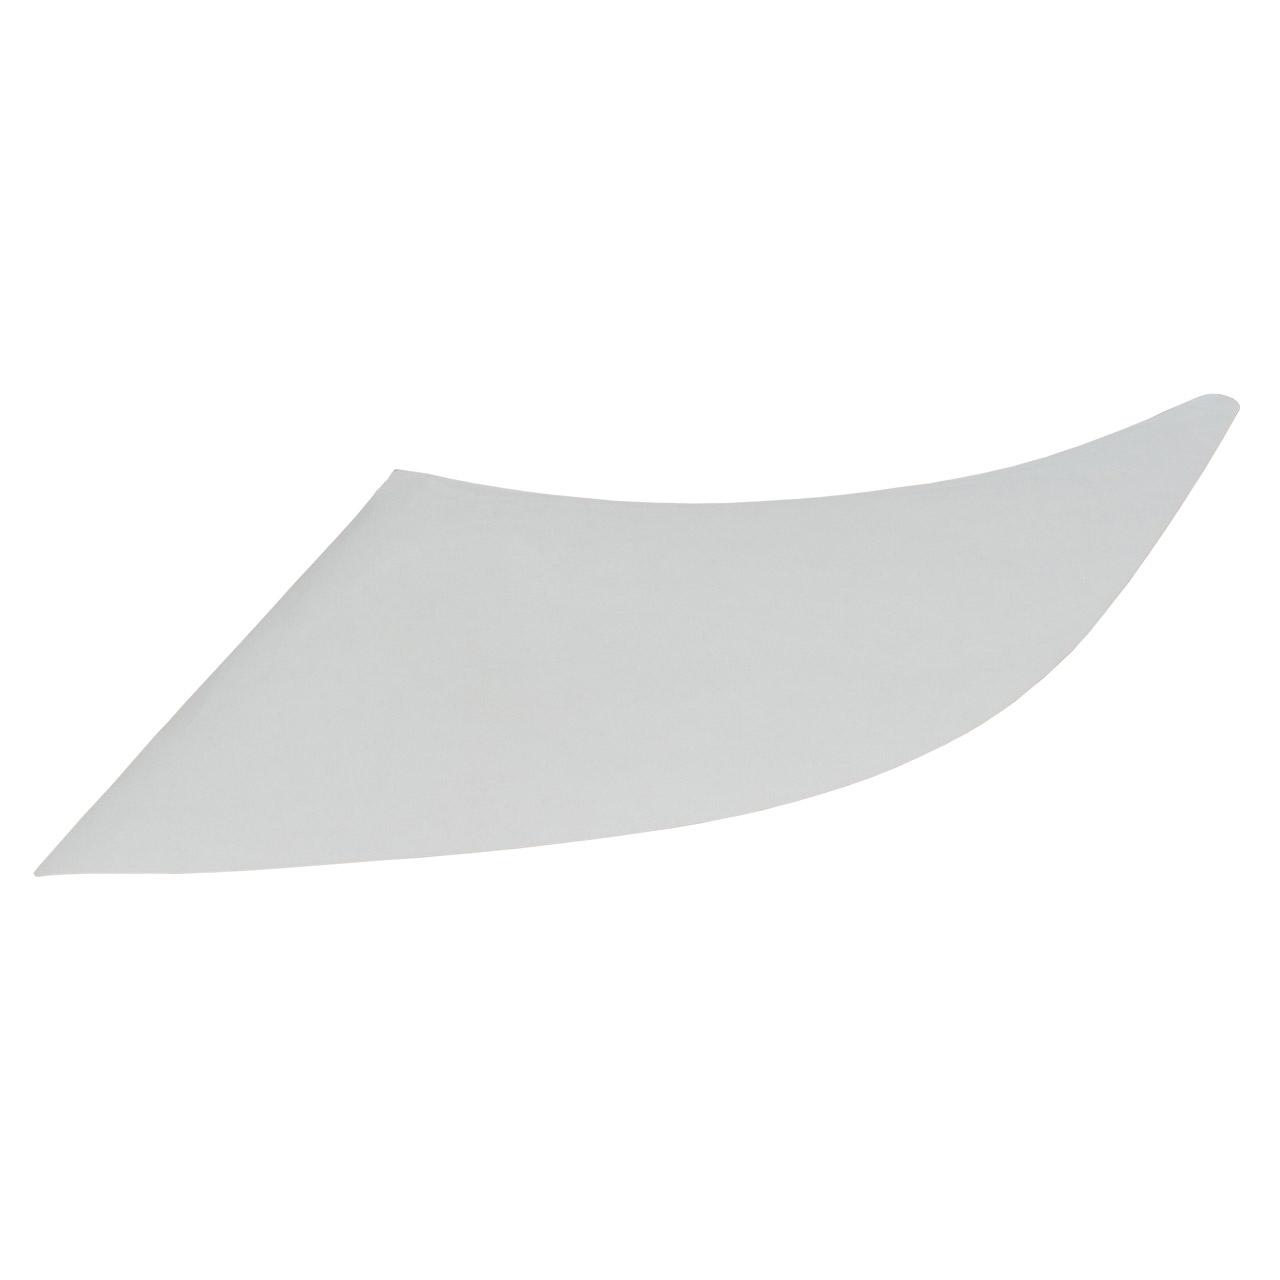 Steinschlagschutzfolie SEITENTEIL für PORSCHE 993 CARRERA rechts 993559326043YK